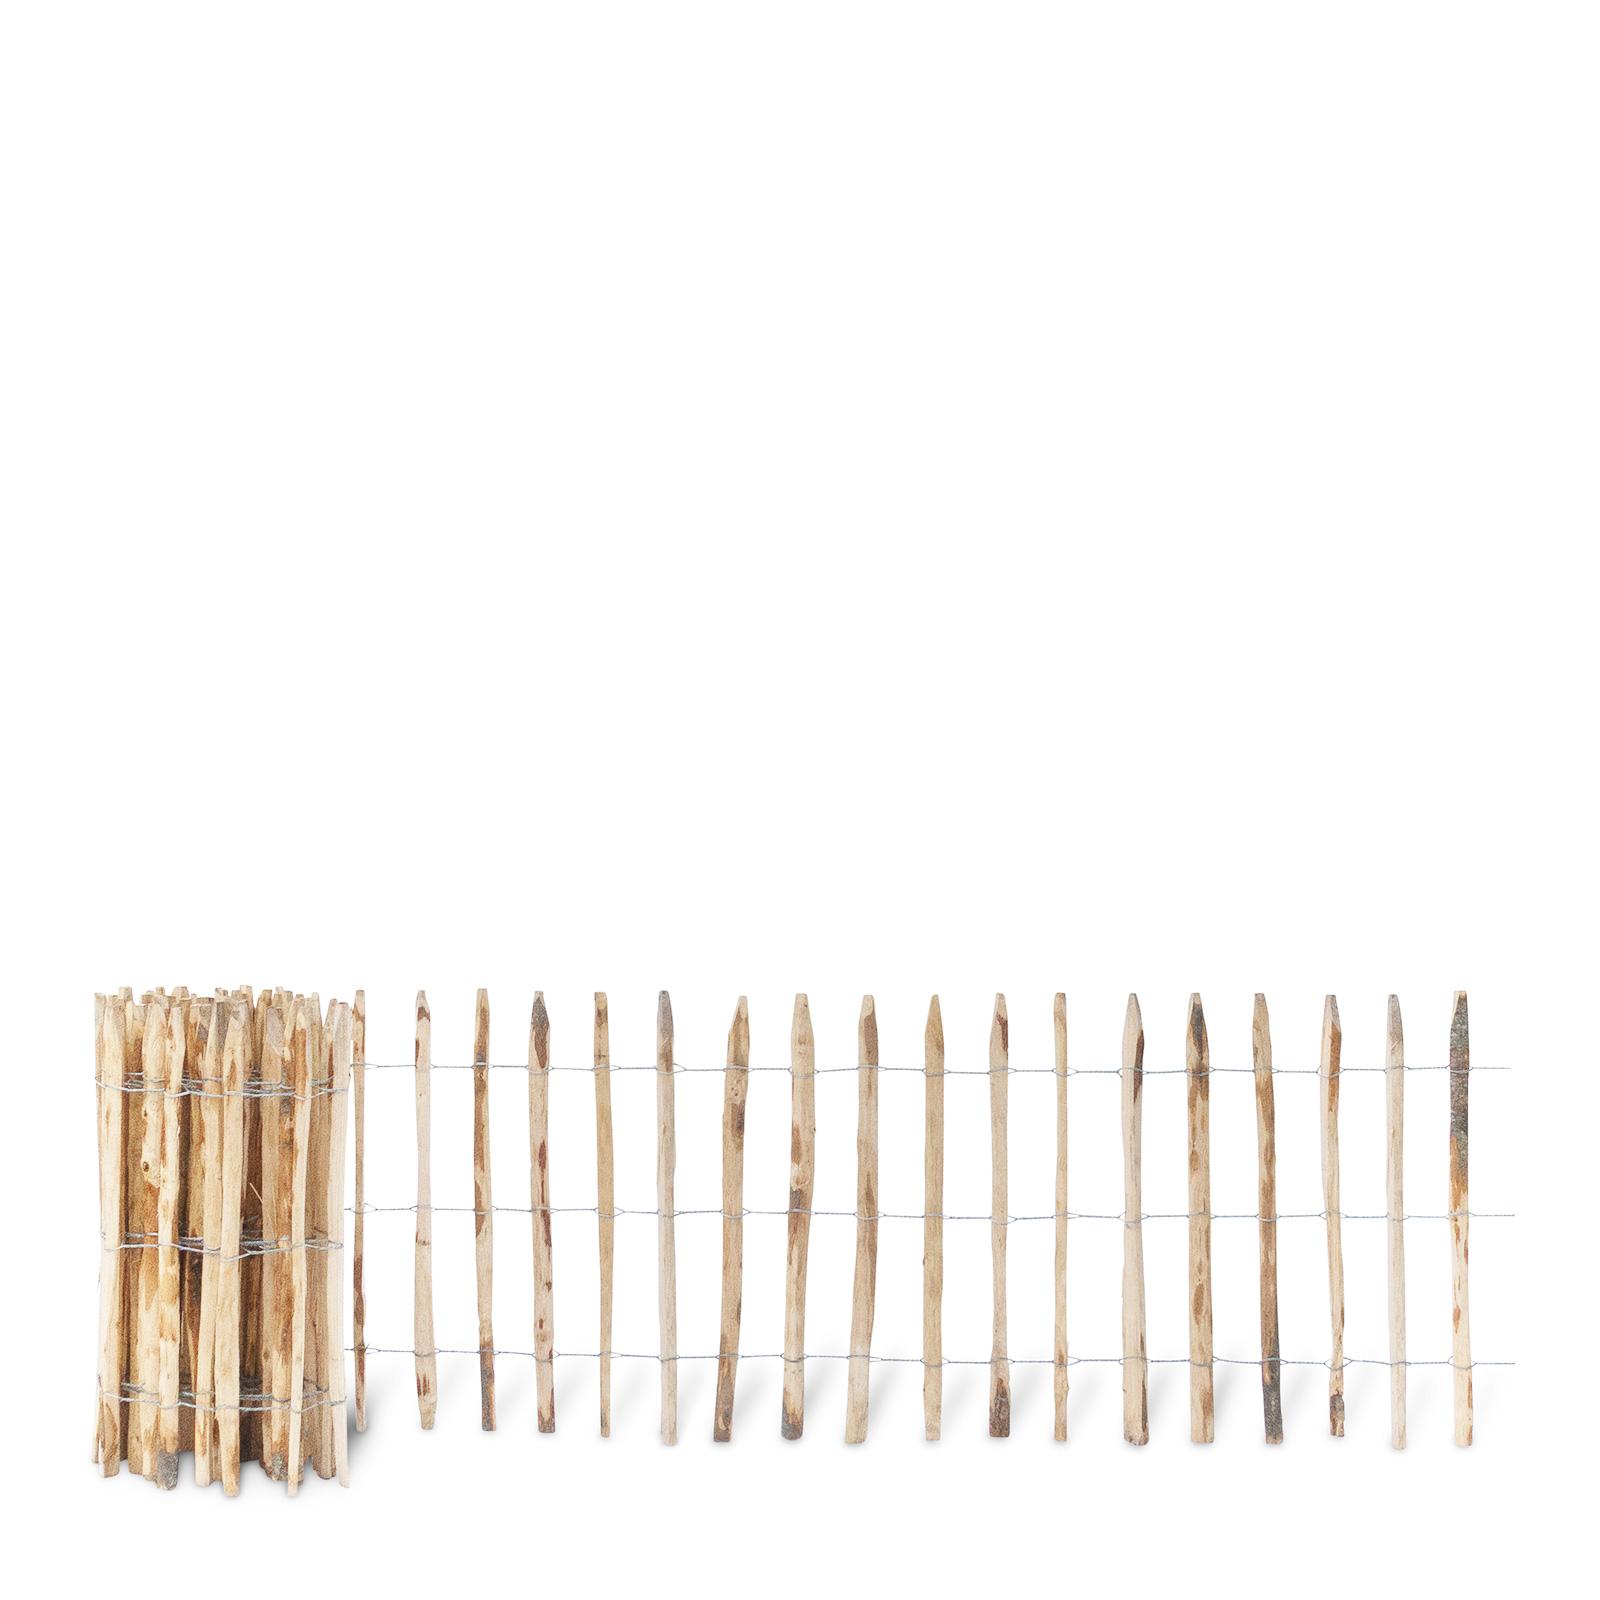 Französischer Staketenzaun aus Kastanienholz, 80 cm hoch mit einem Lattenabstand von 7-8 Zentimetern. Mit seinen angespitzten und verdrahteten Hölzern passt der schöne Zaun in jede Umgebung. Ganz ohne Pflege hält der natürliche Gartenzaun rund 20 Jahre.